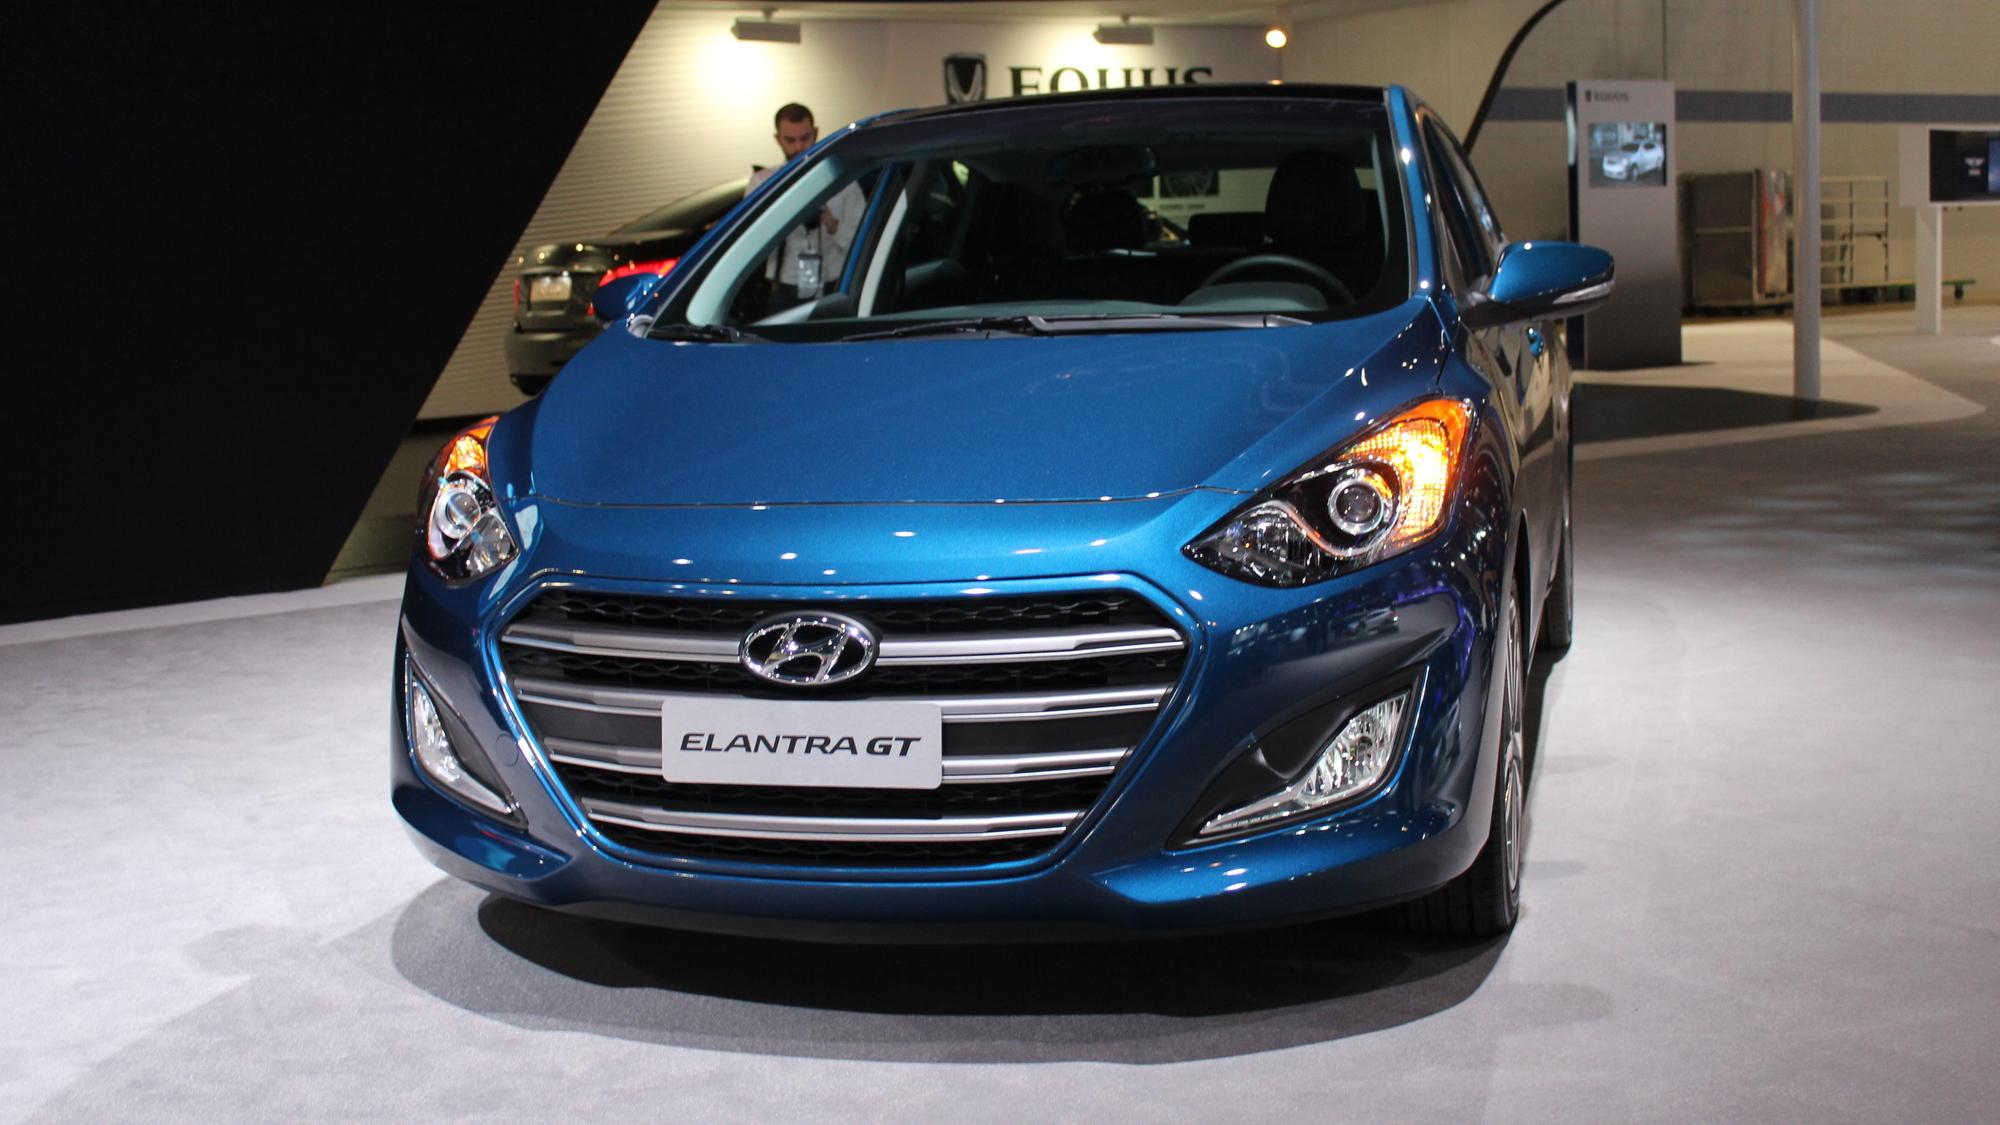 2016 Hyundai Elantra GT, 2015 Chicago Auto Show